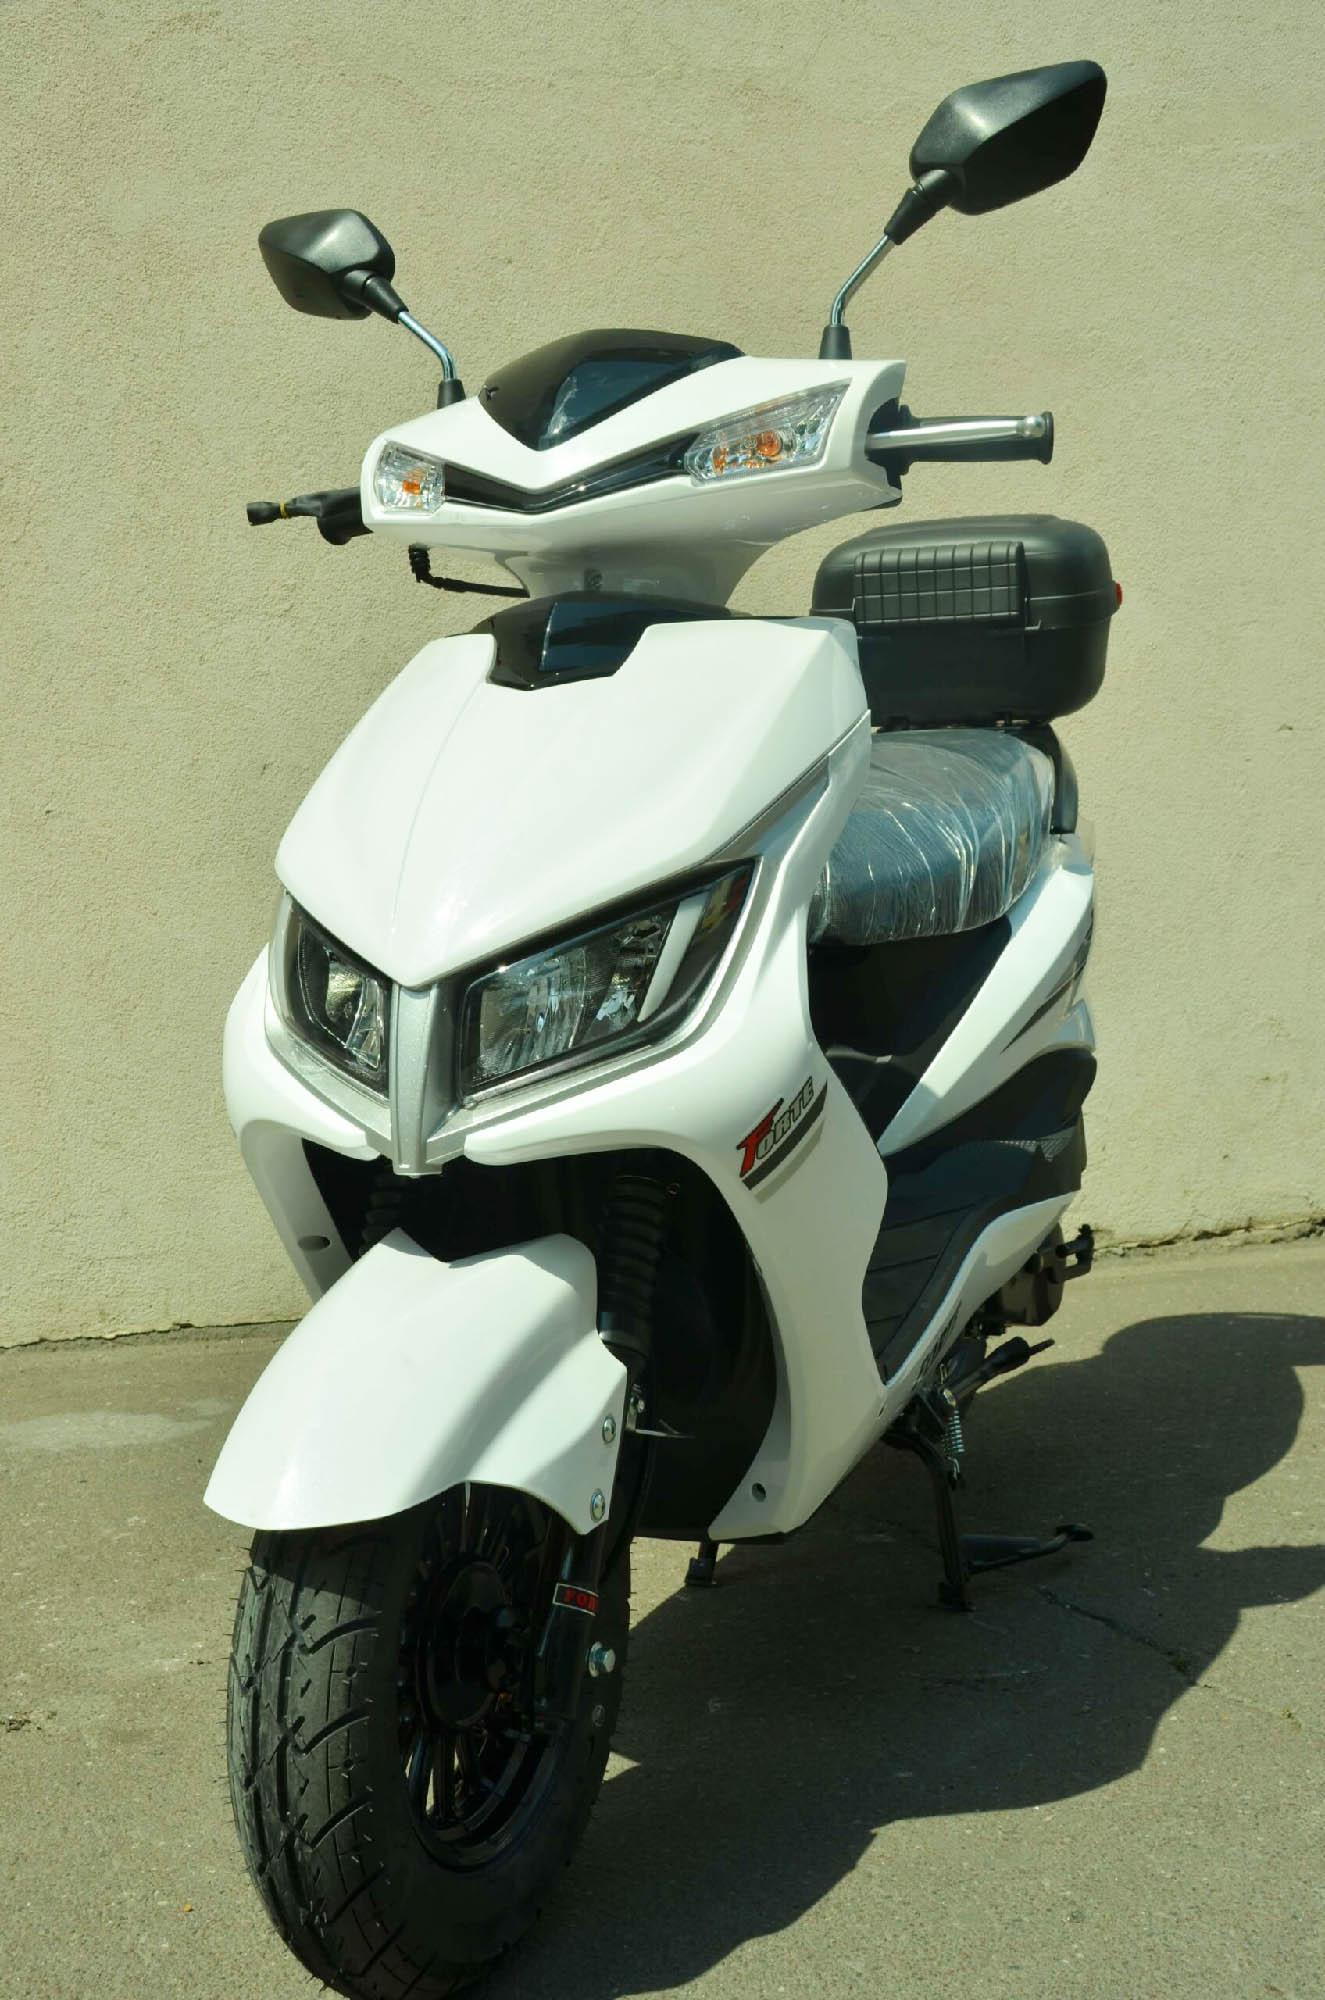 Скутер Forte M8 цвет белый вид спереди купить по низкой цене